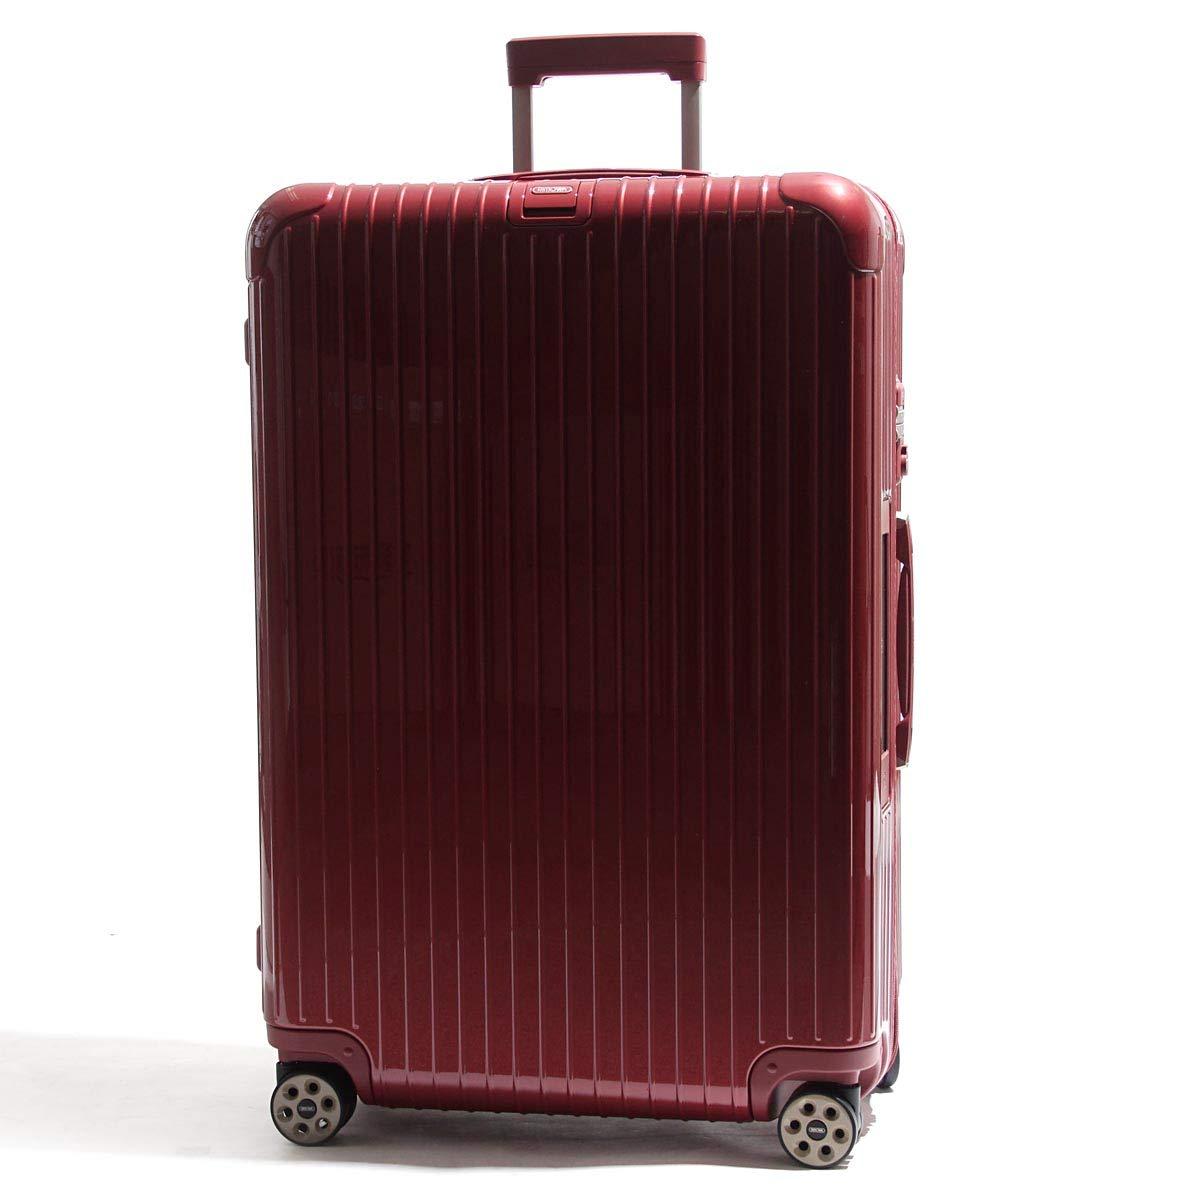 (リモワ) RIMOWA スーツケース 電子タグ仕様 SALSA DELUXE 77 E-TAG サルサデラックス 97L [並行輸入品]   B07GQ7KV4P